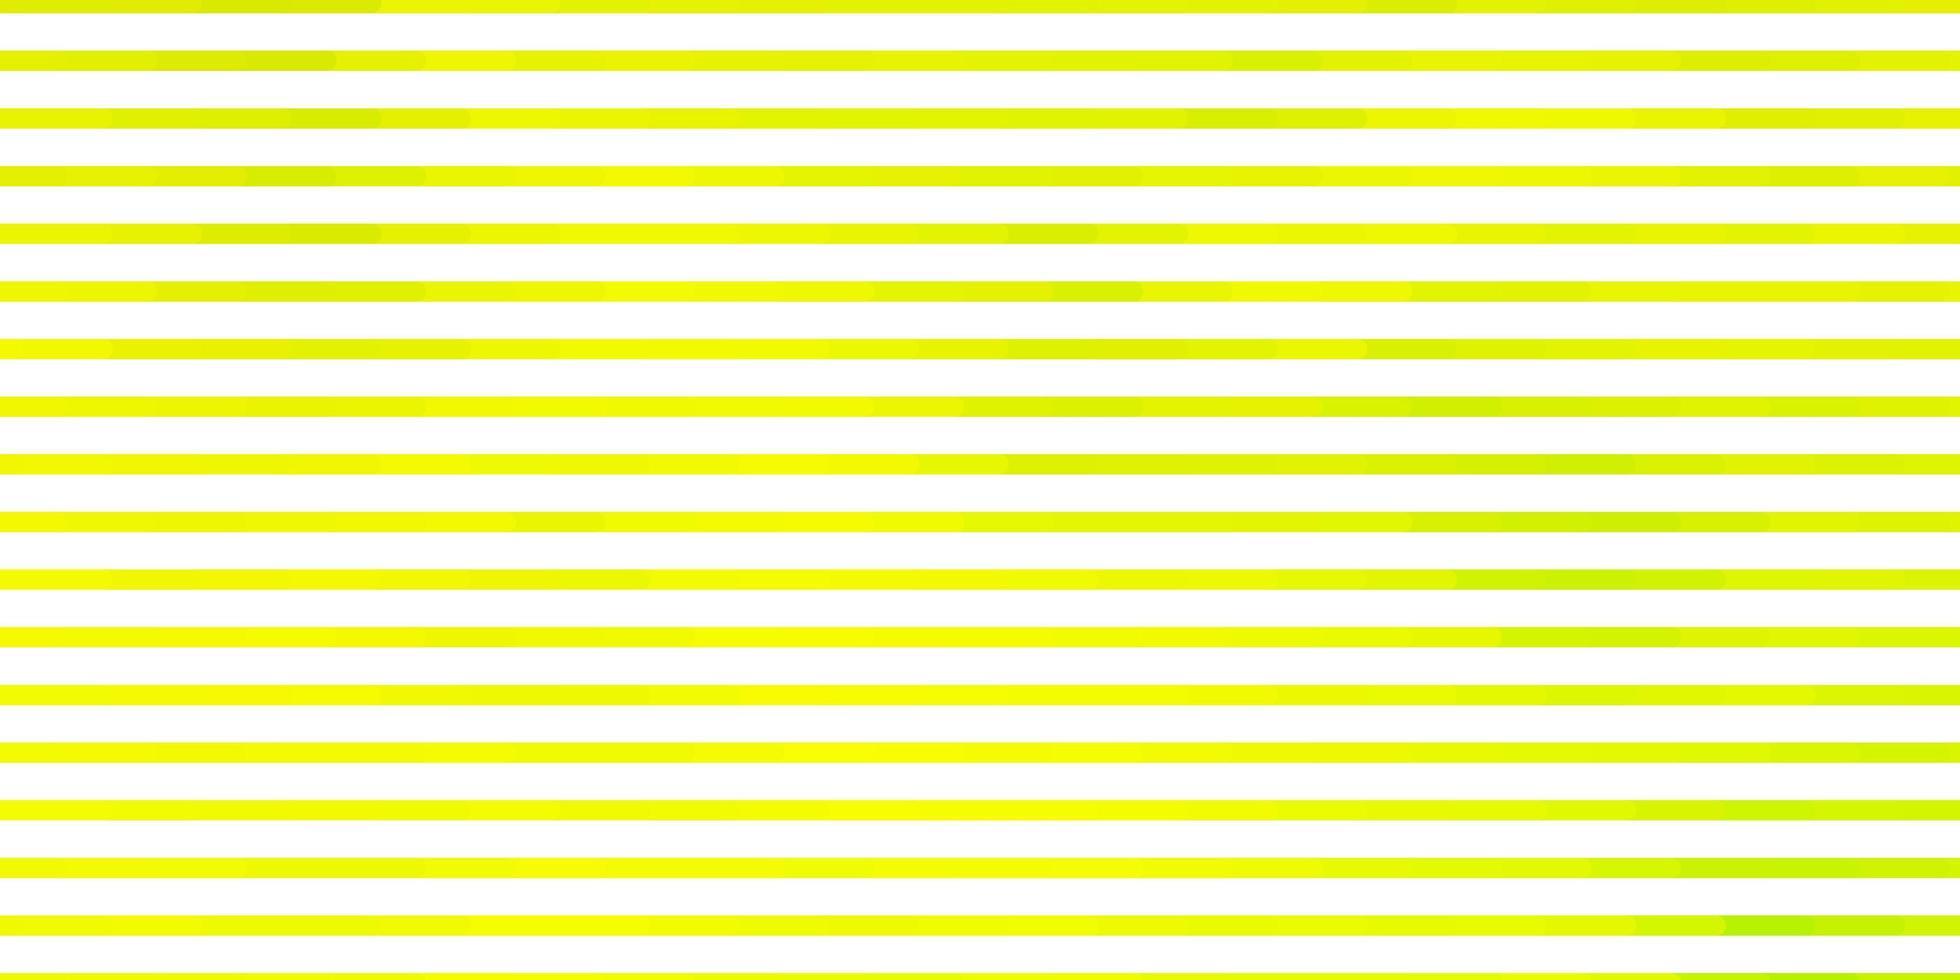 ljusgrön, gul vektorstruktur med linjer. vektor